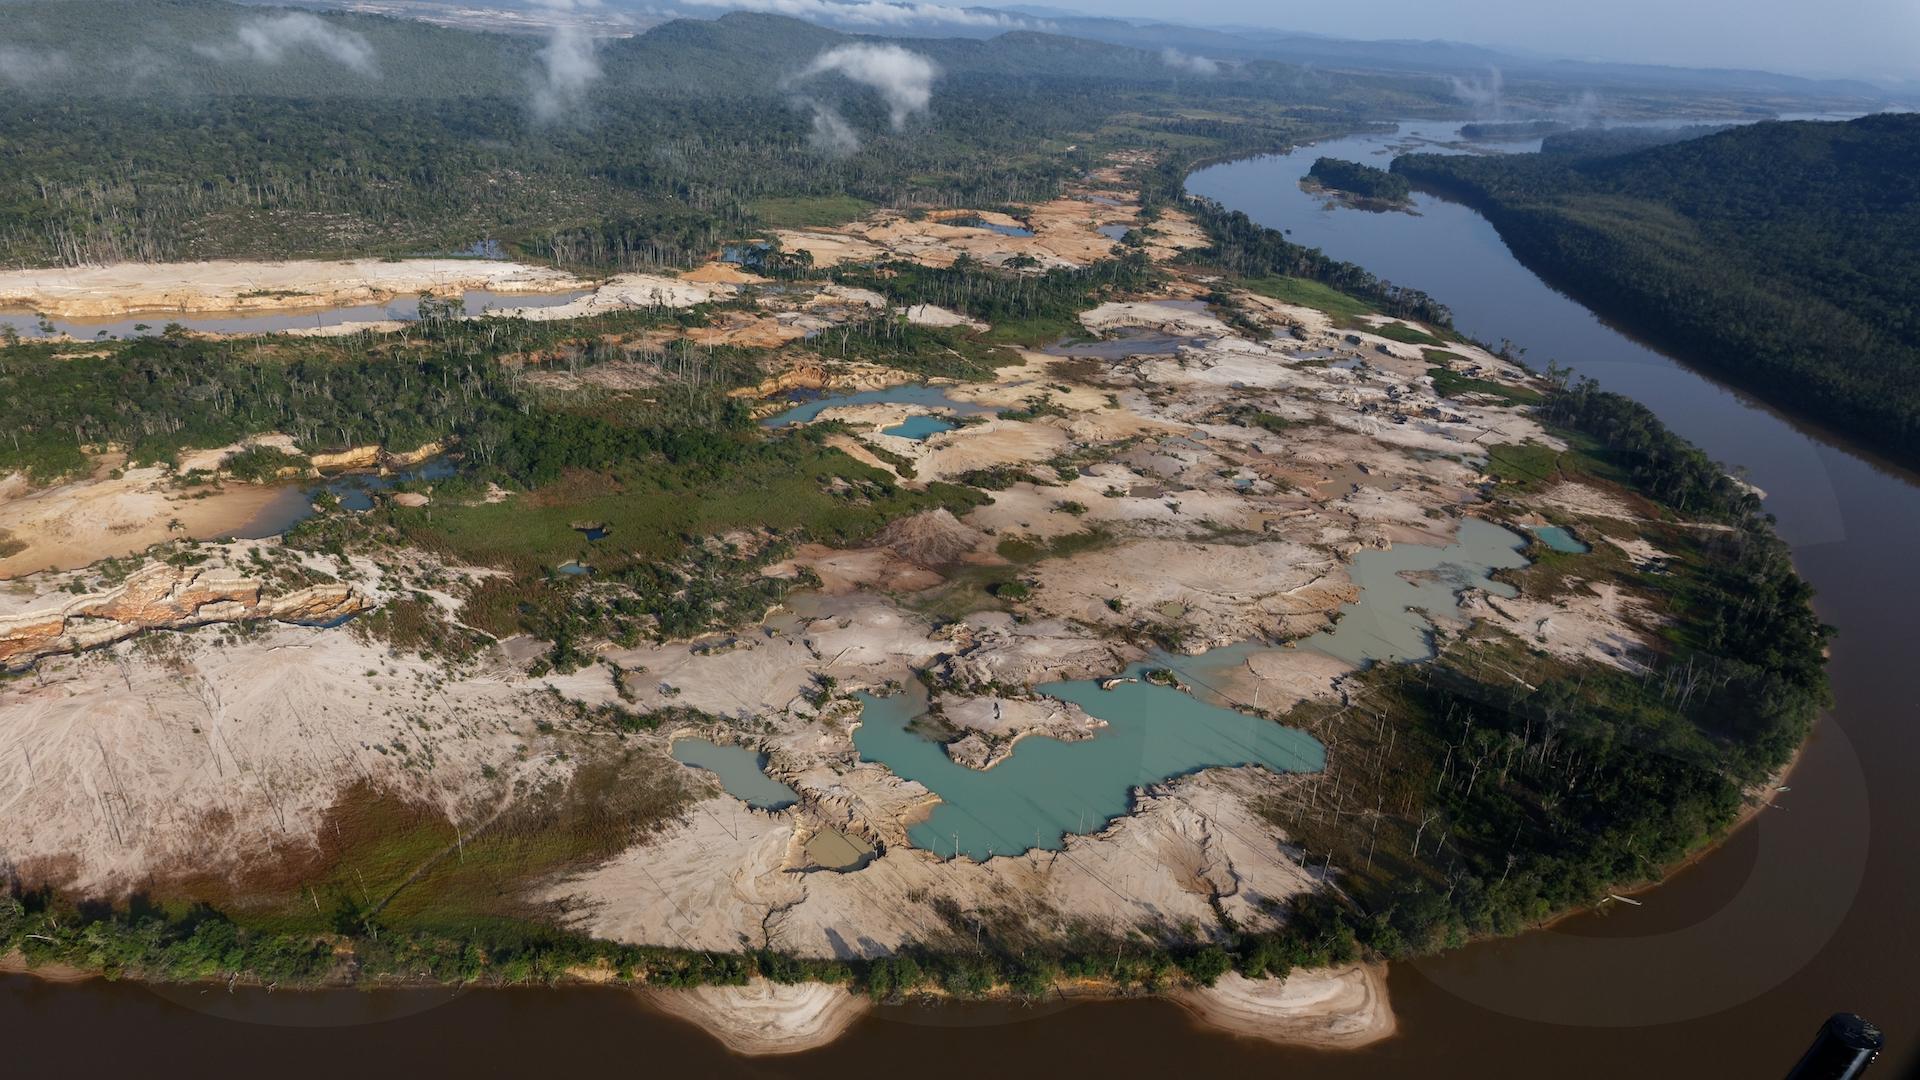 Canaima de aniversario: Por qué urge que este Patrimonio Natural de la Humanidad se declare